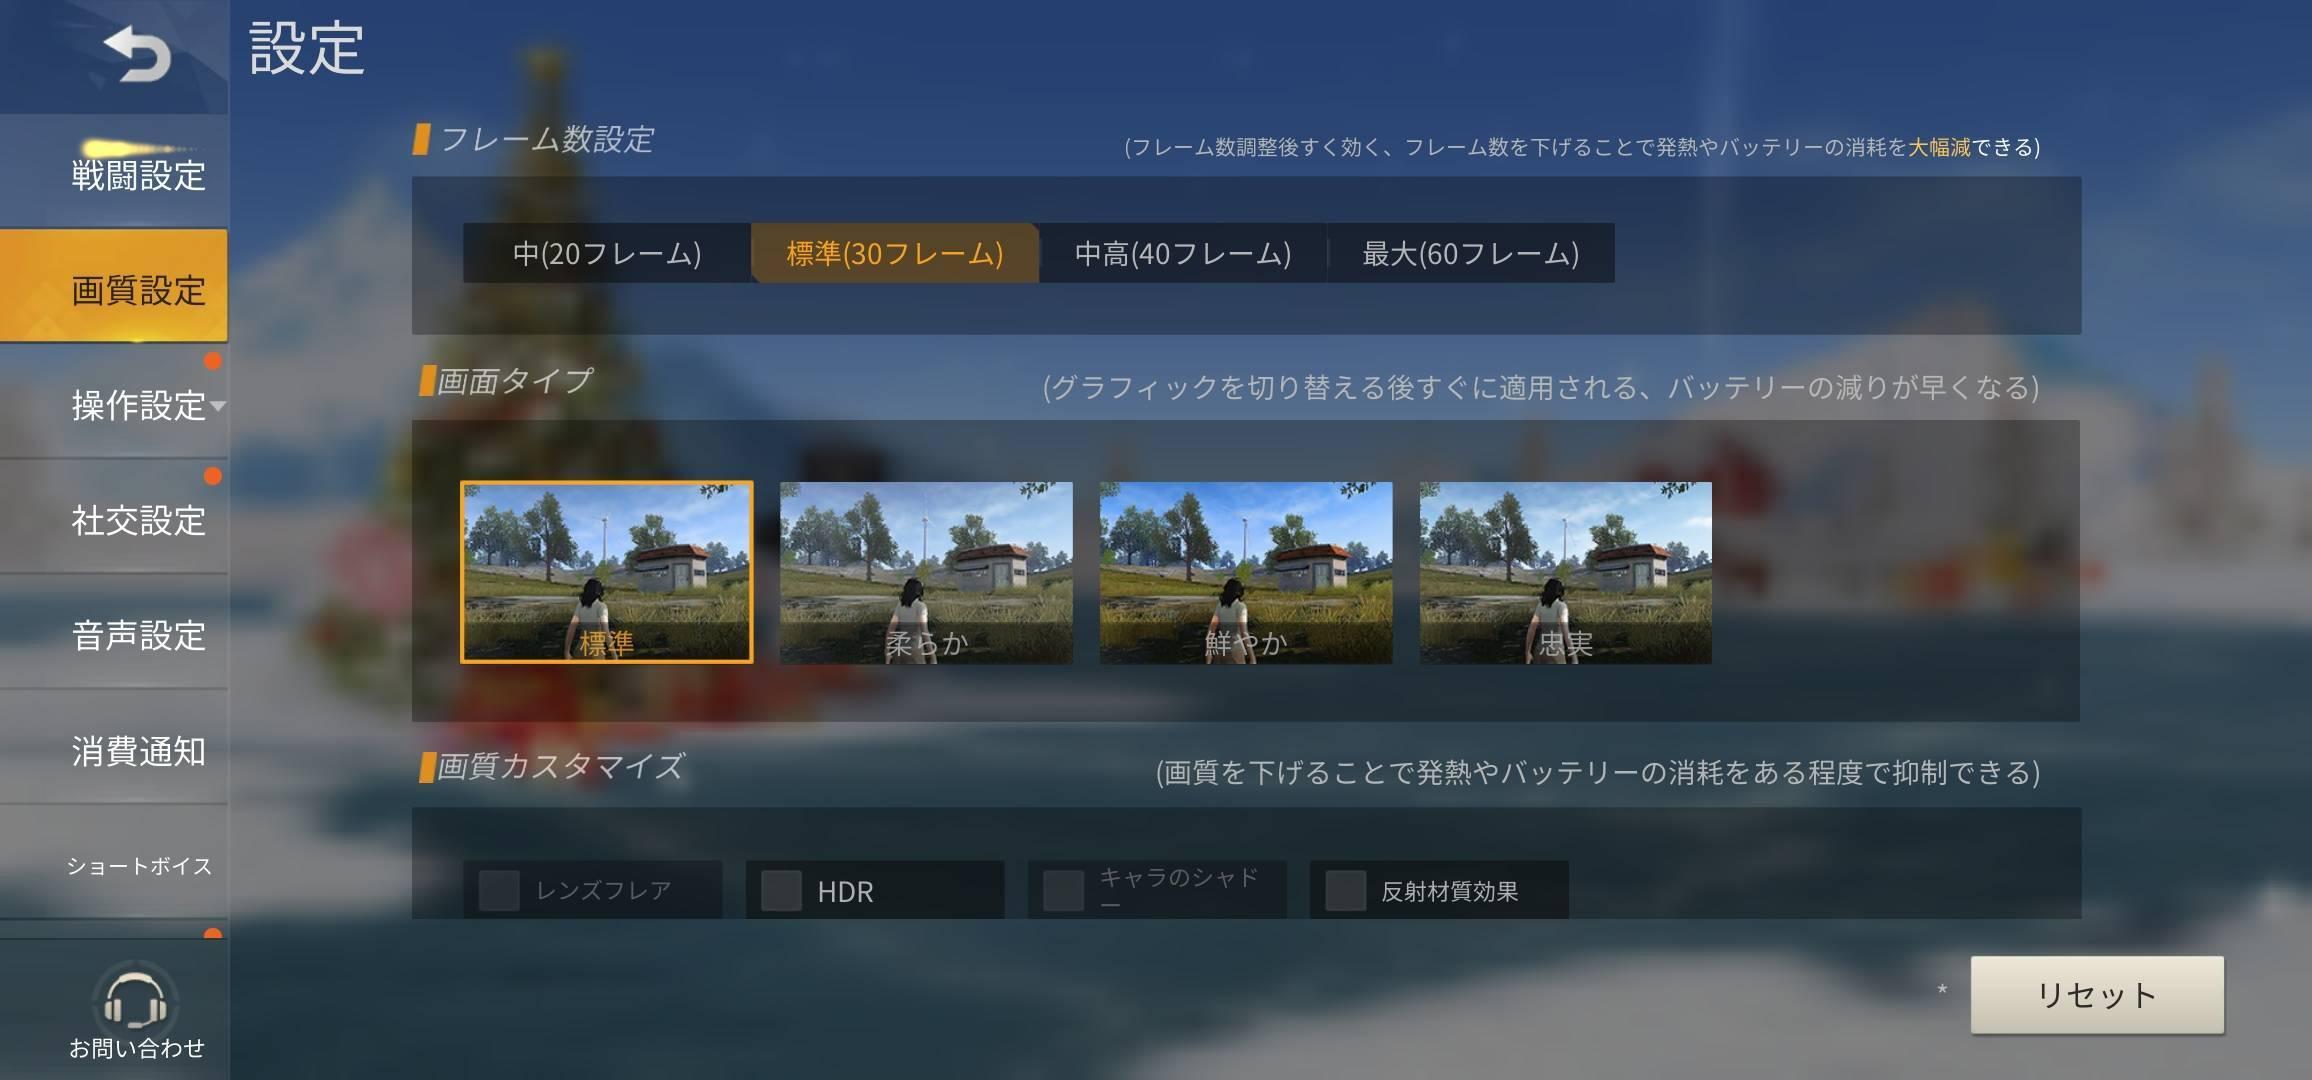 f:id:Azusa_Hirano:20200923041006j:plain